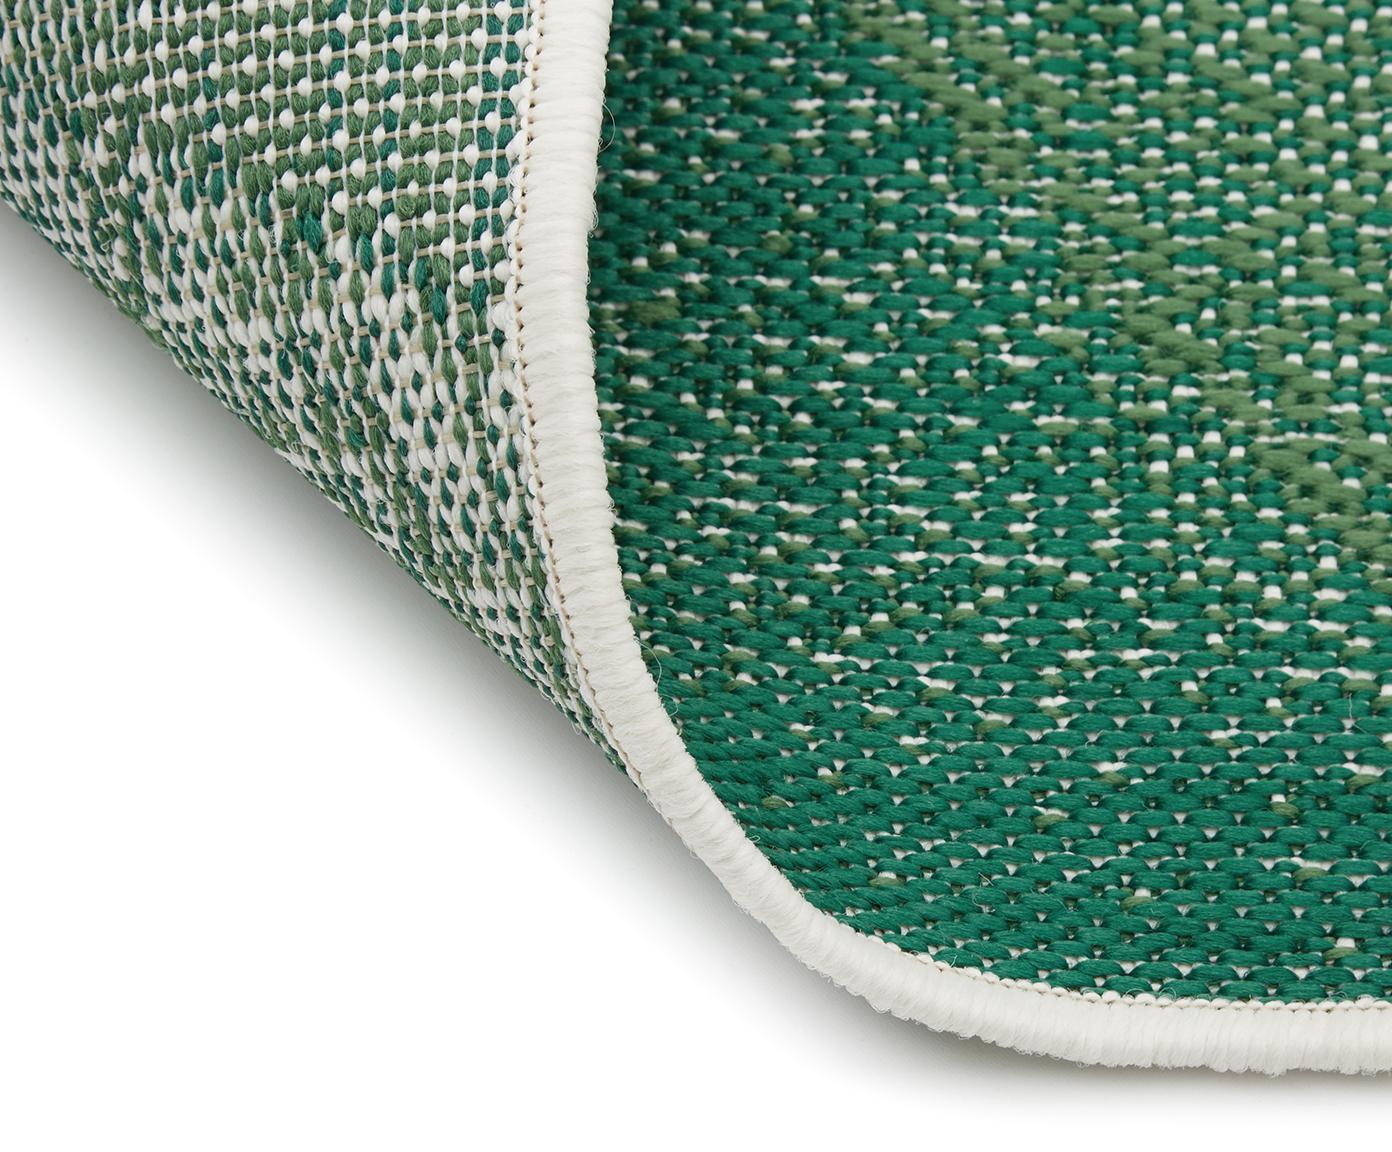 Passatoia da interno-esterno Jungle, Retro: poliestere, Bianco crema, verde, Larg. 80 x Lung. 250 cm